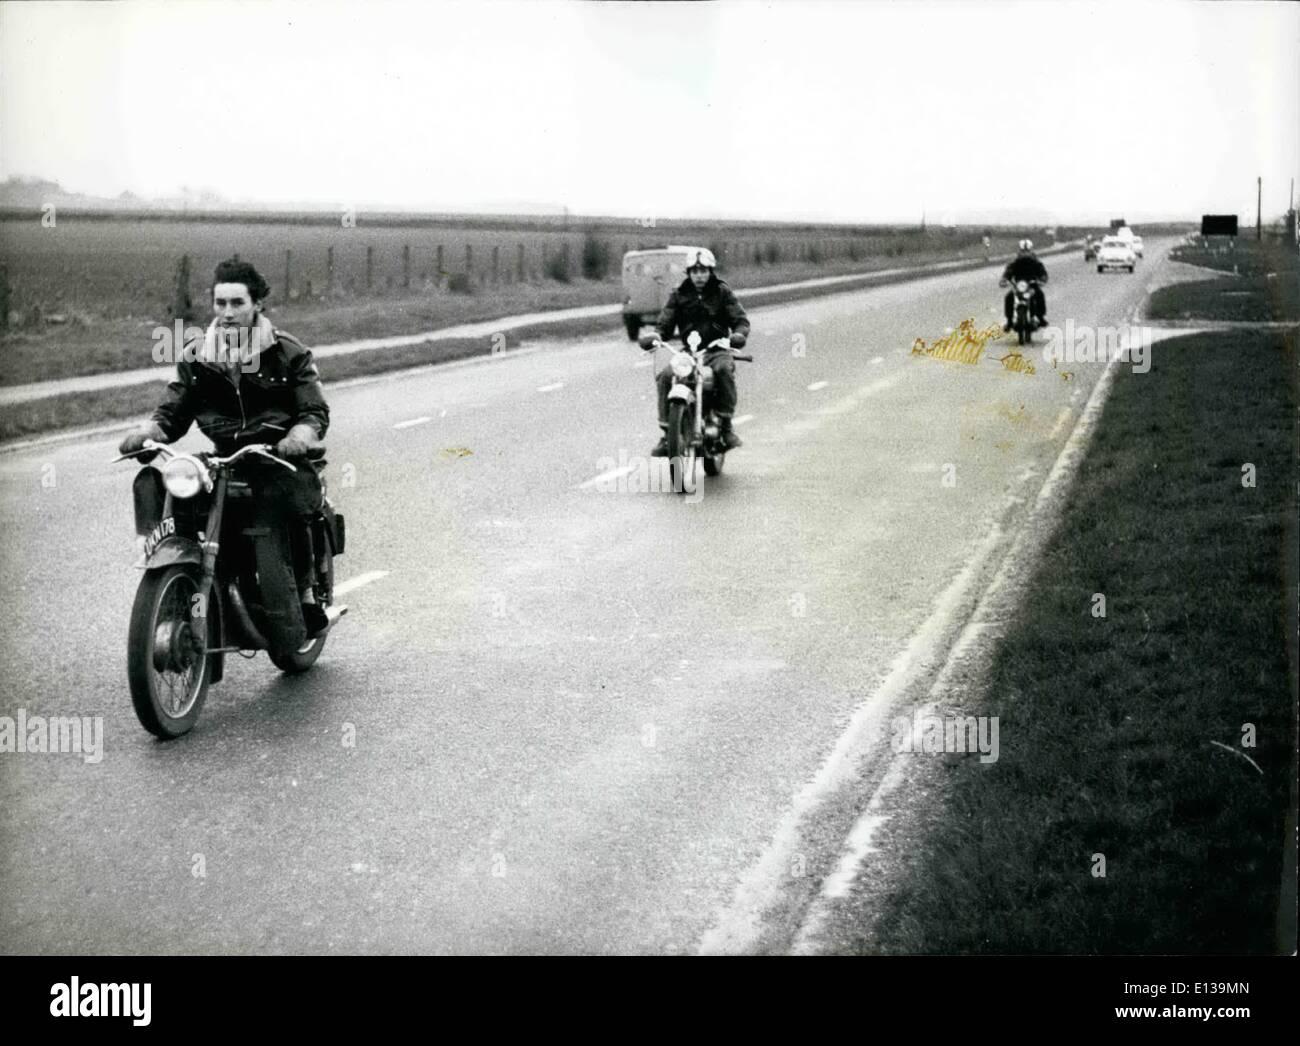 Febbraio 29, 2012 - SEGUIRE IL LEADER: la strada è diritta e talvolta stretti e agli automobilisti di mantenere una distanza di sicurezza dietro. Immagini Stock